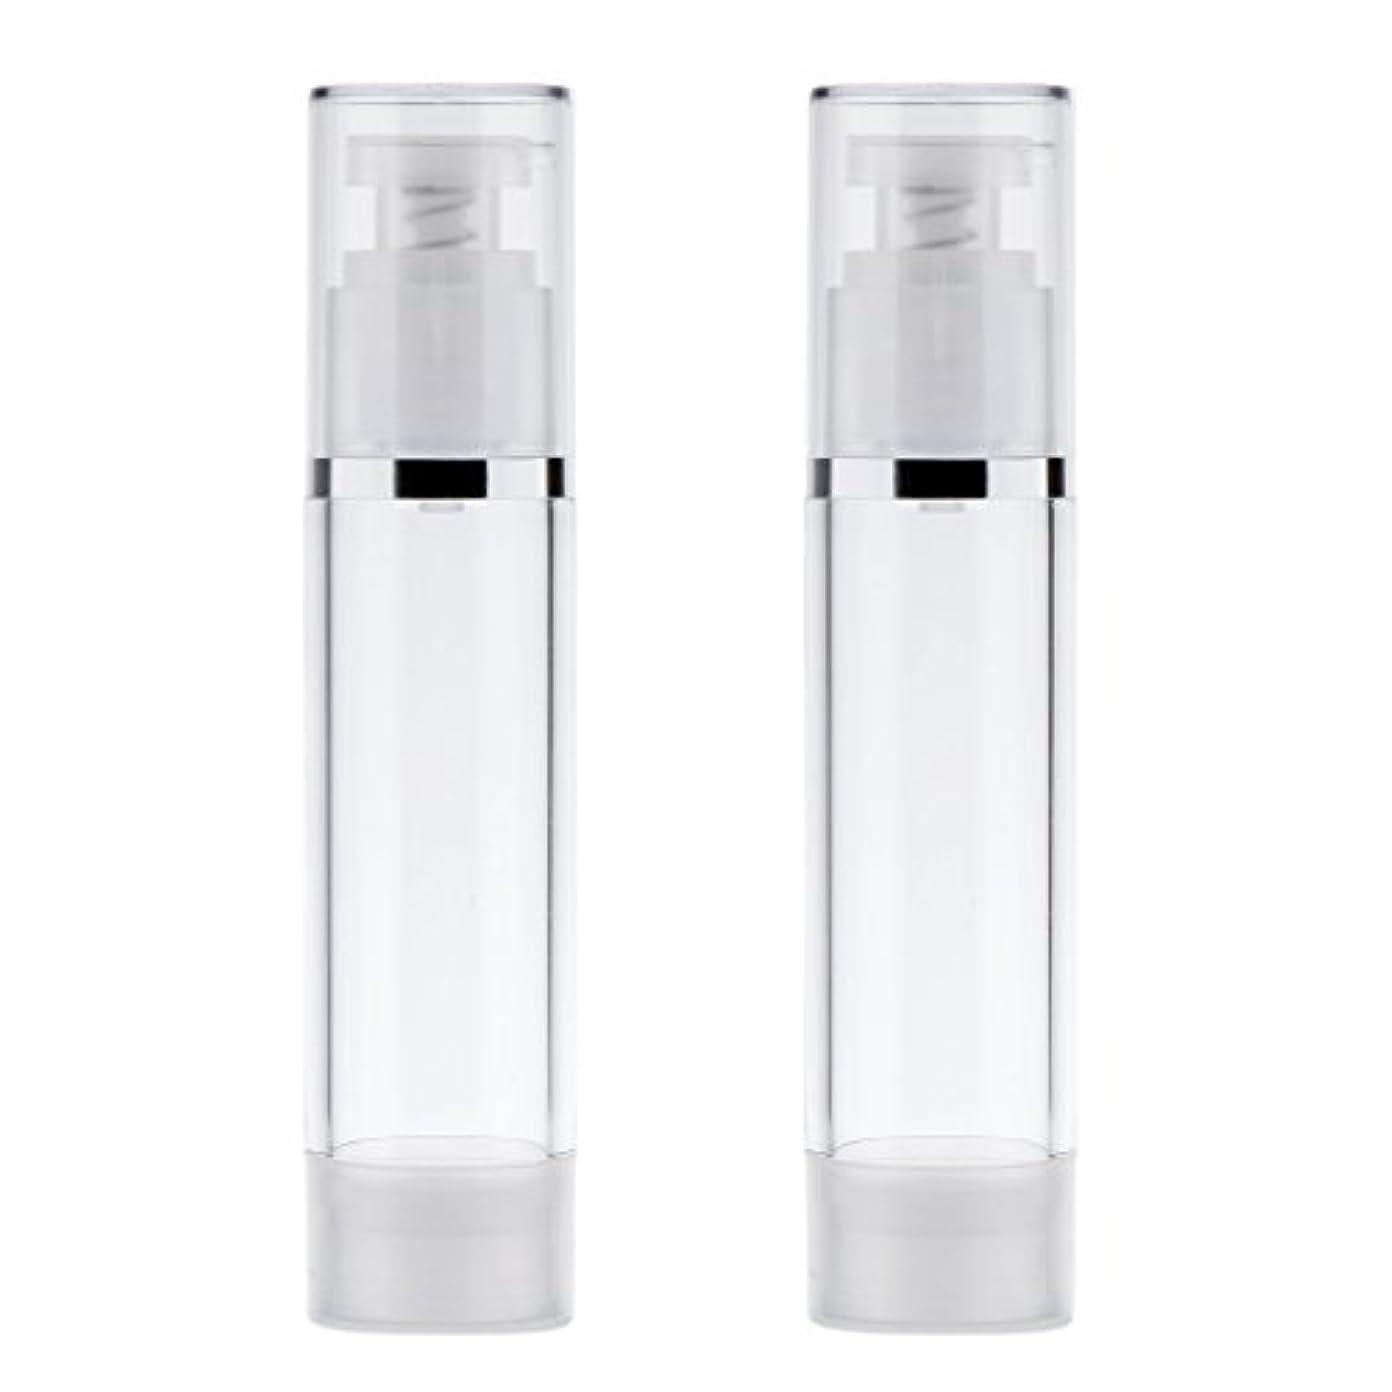 誓う偏見卵2個 ポンプボトル ディスペンサー 詰め替え可 化粧品 クリーム ローション ポンプチューブ エアレスボトル 収納用 容器 3サイズ選べる - 50ml